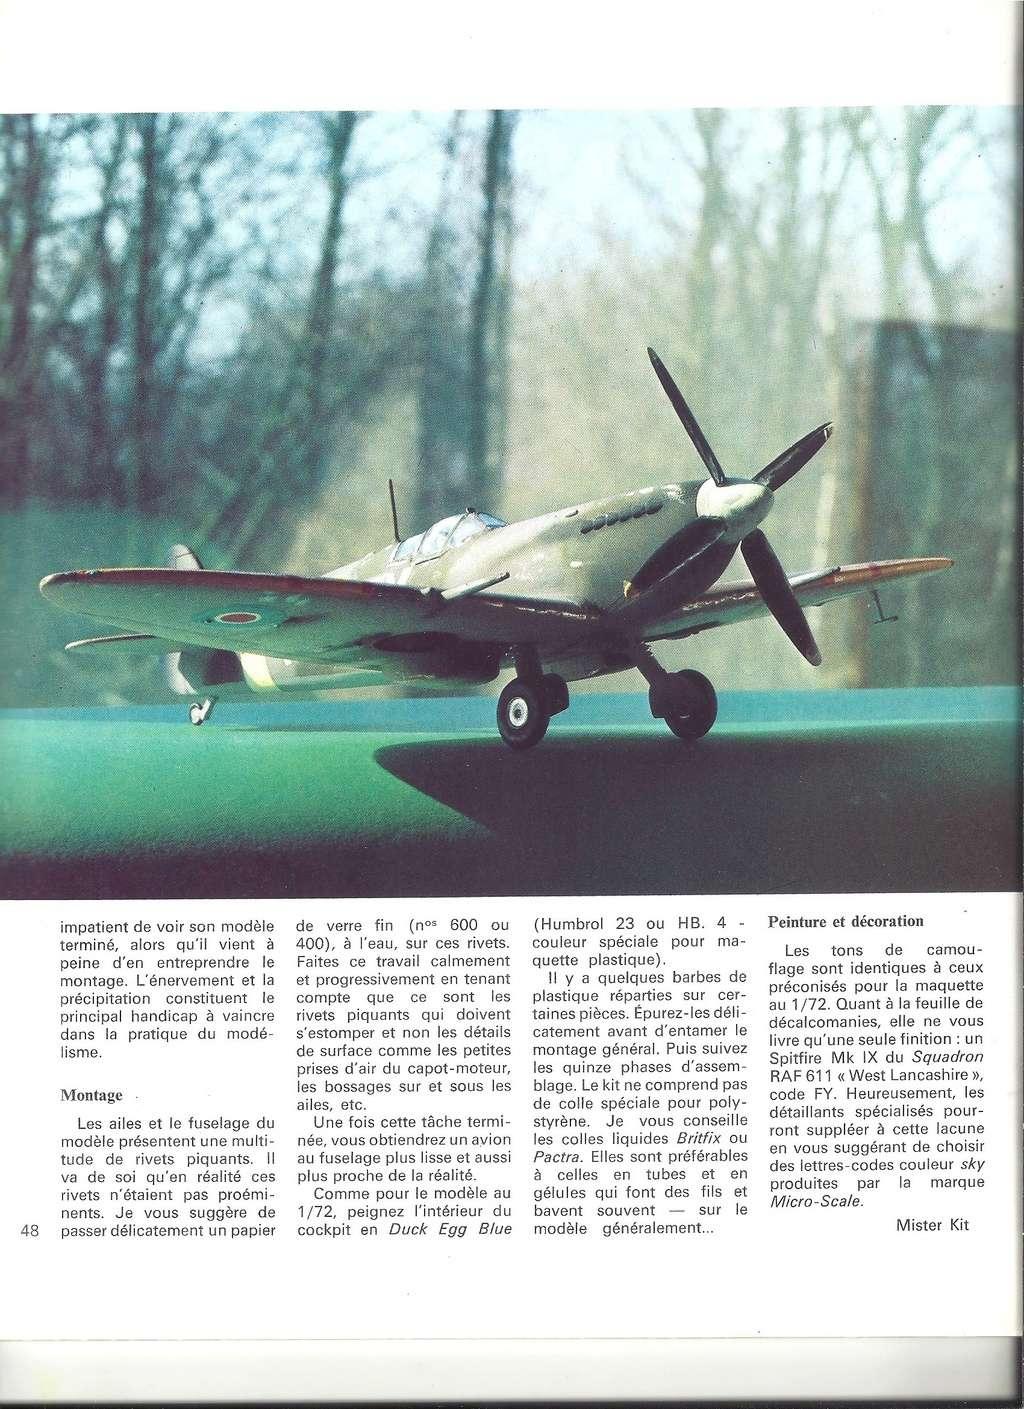 rubrique hommage  à Mister Kit  - Page 3 Numyri50